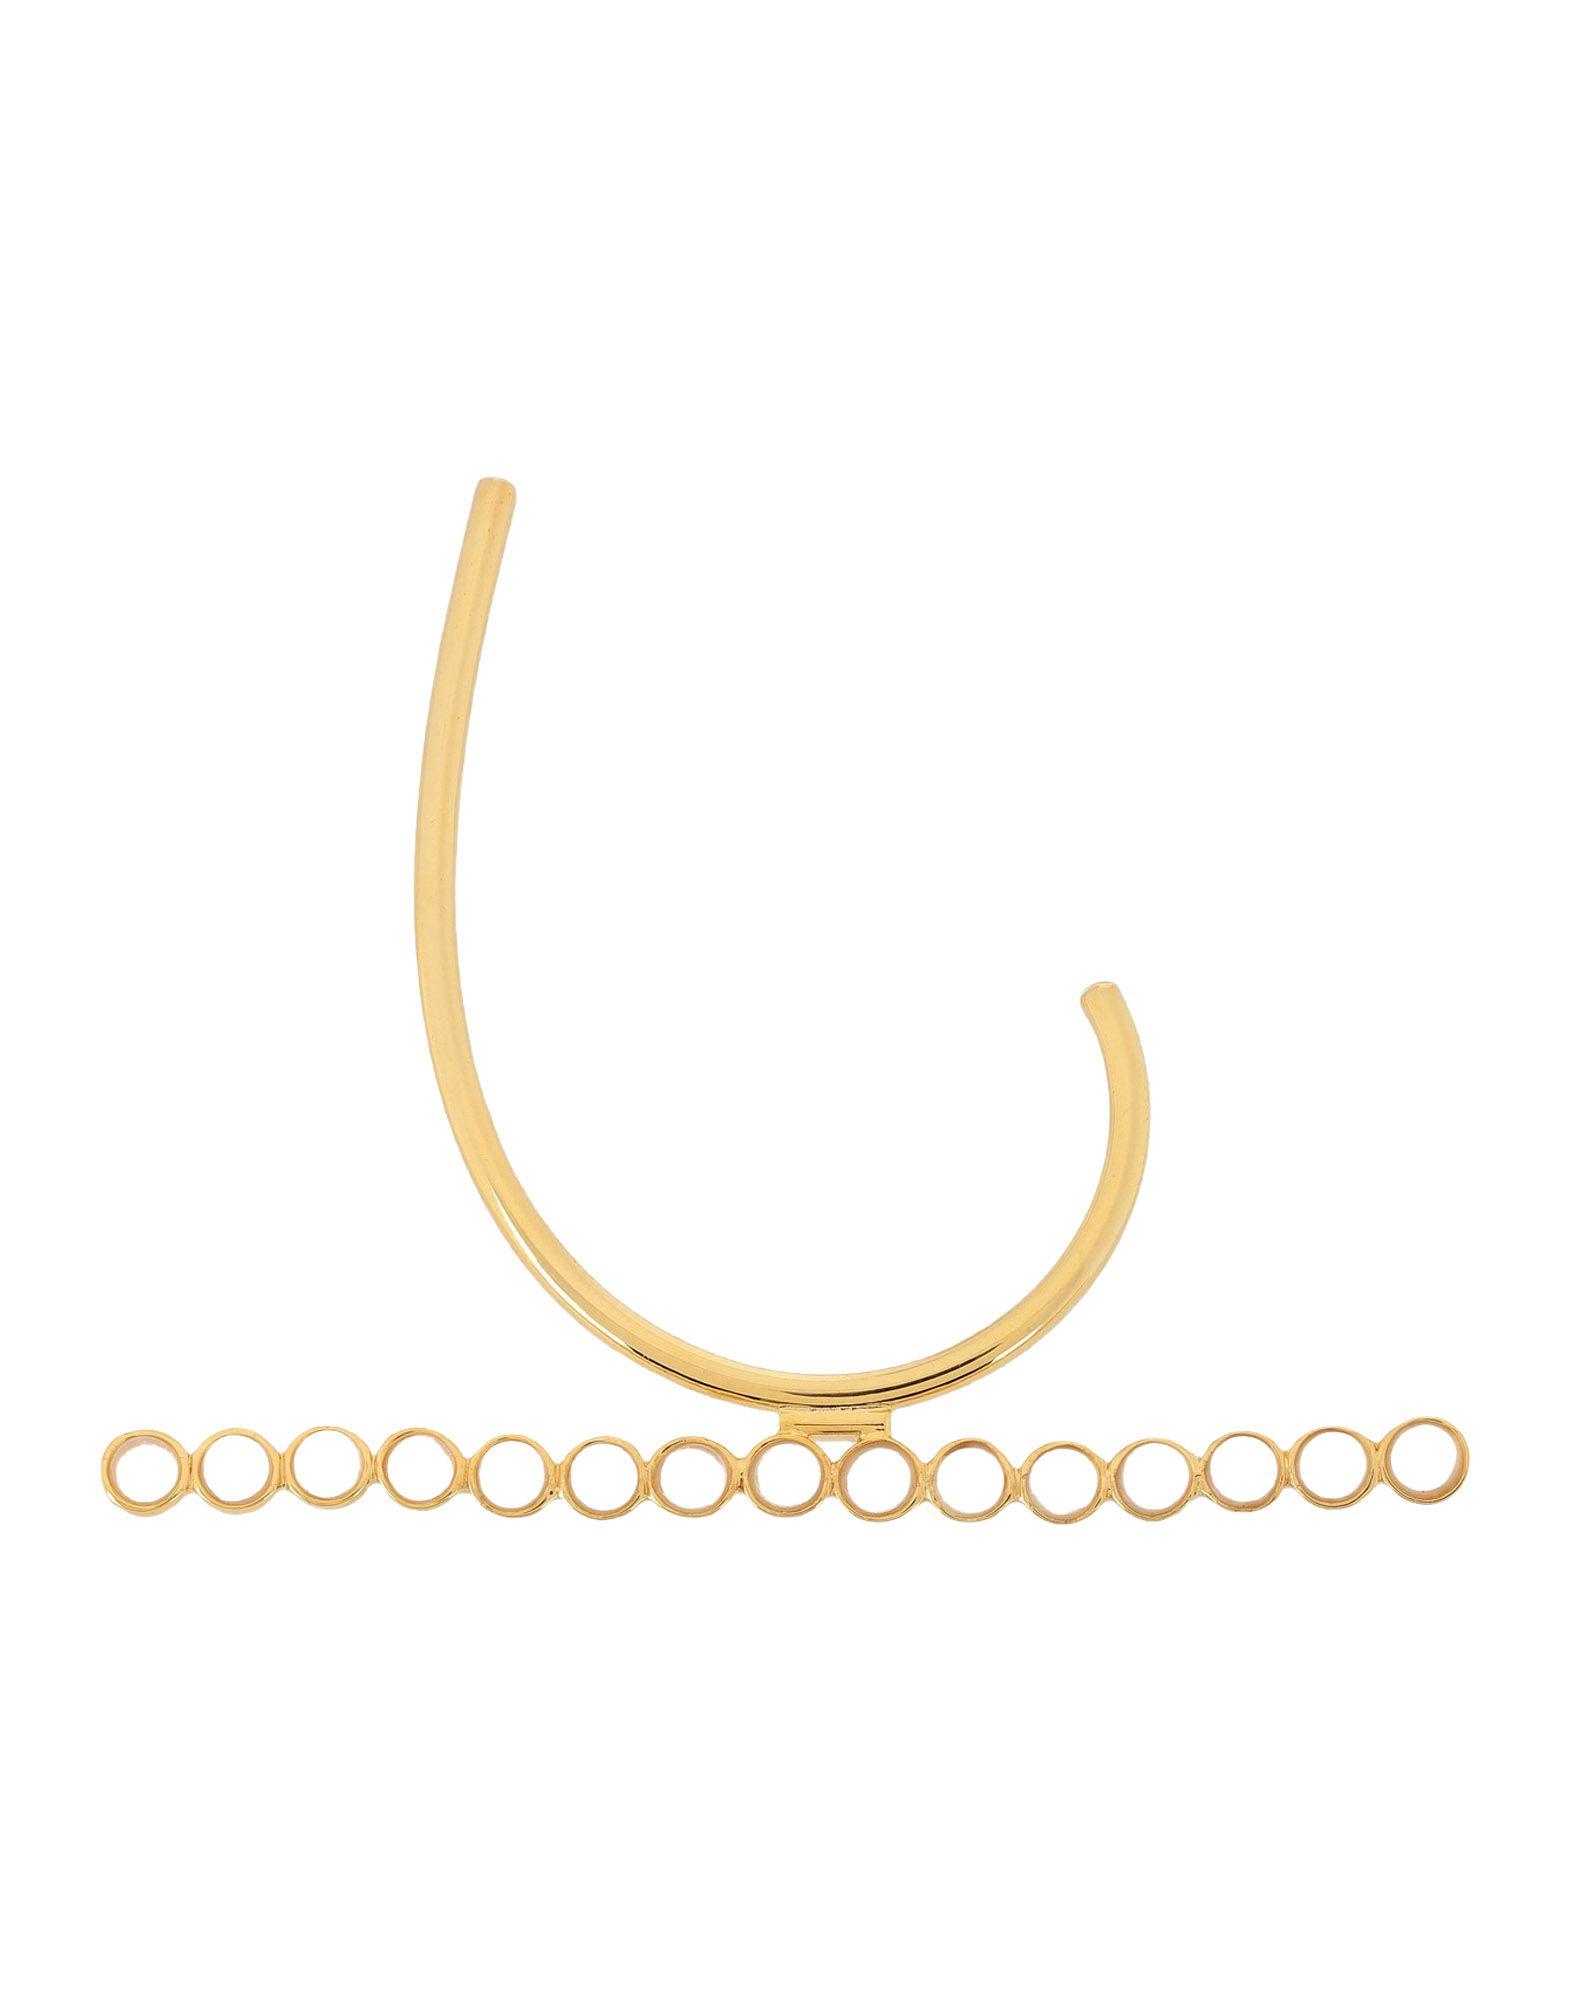 《期間限定 セール開催中》EK THONGPRASERT レディース ピアス&イヤリング ゴールド 真鍮/ブラス / ガラス Brass Ear Cuff With Semi Precious Stones